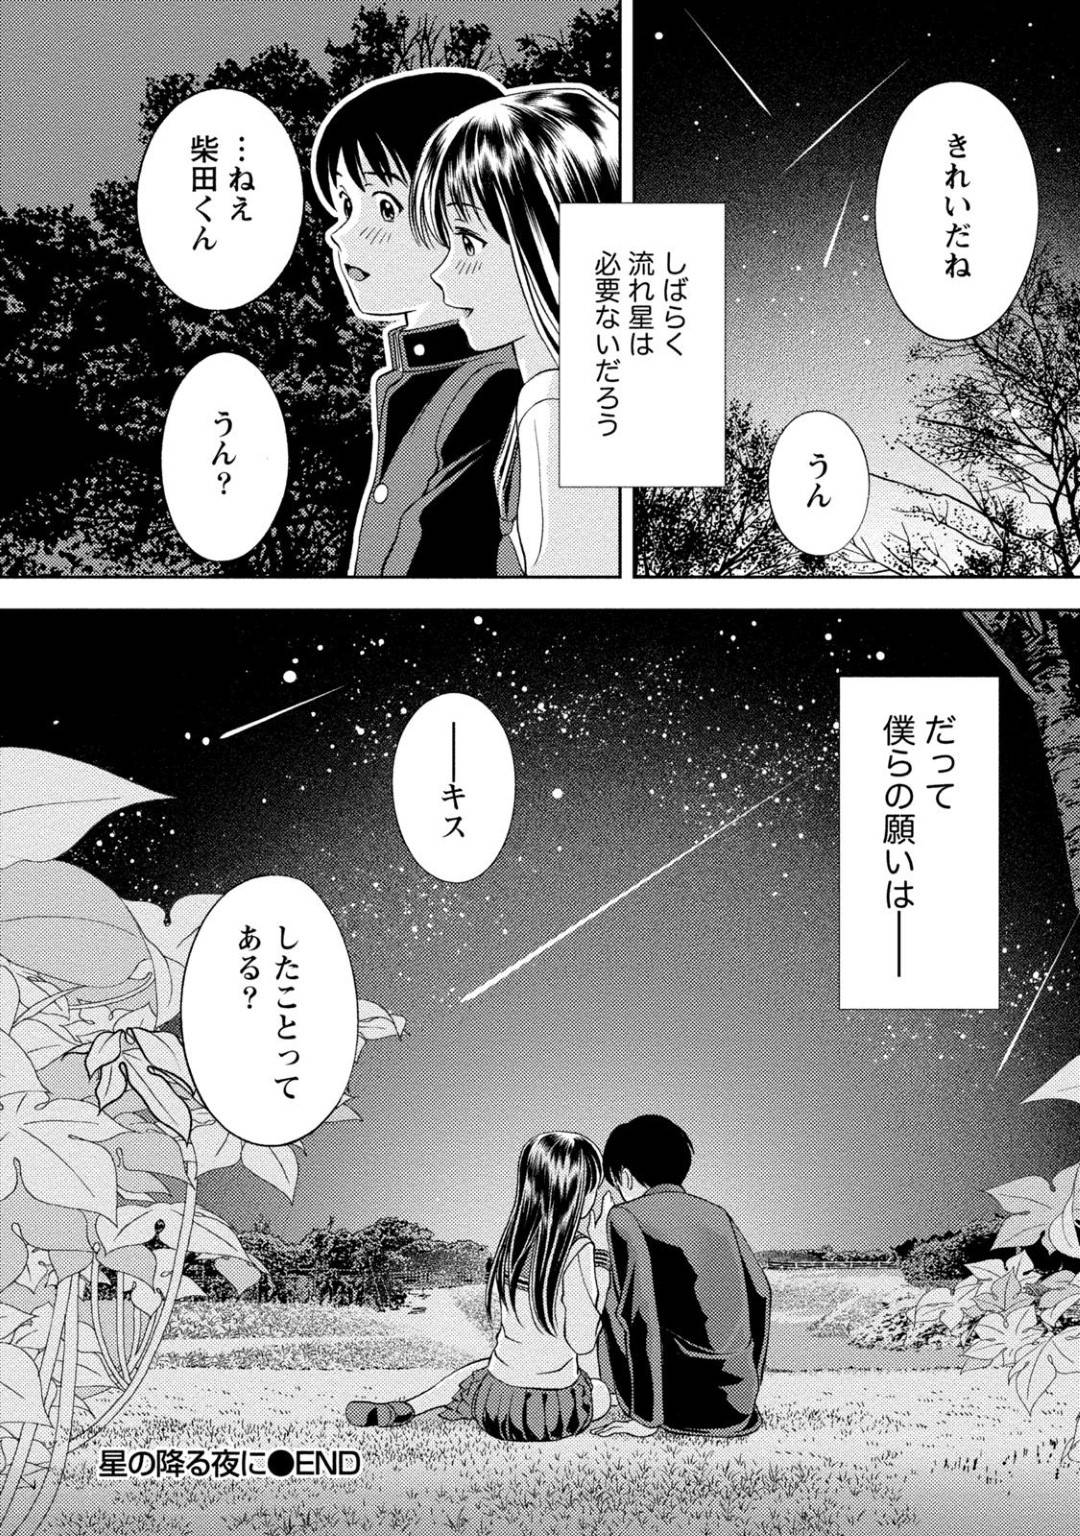 【エロ漫画】文化祭で中学校の時の憧れだった同級生と再開した天文部の主人公…チャンスは今しかないと思い、星空を見に連れていき告白することに。【朝森瑞季:星の降る夜】